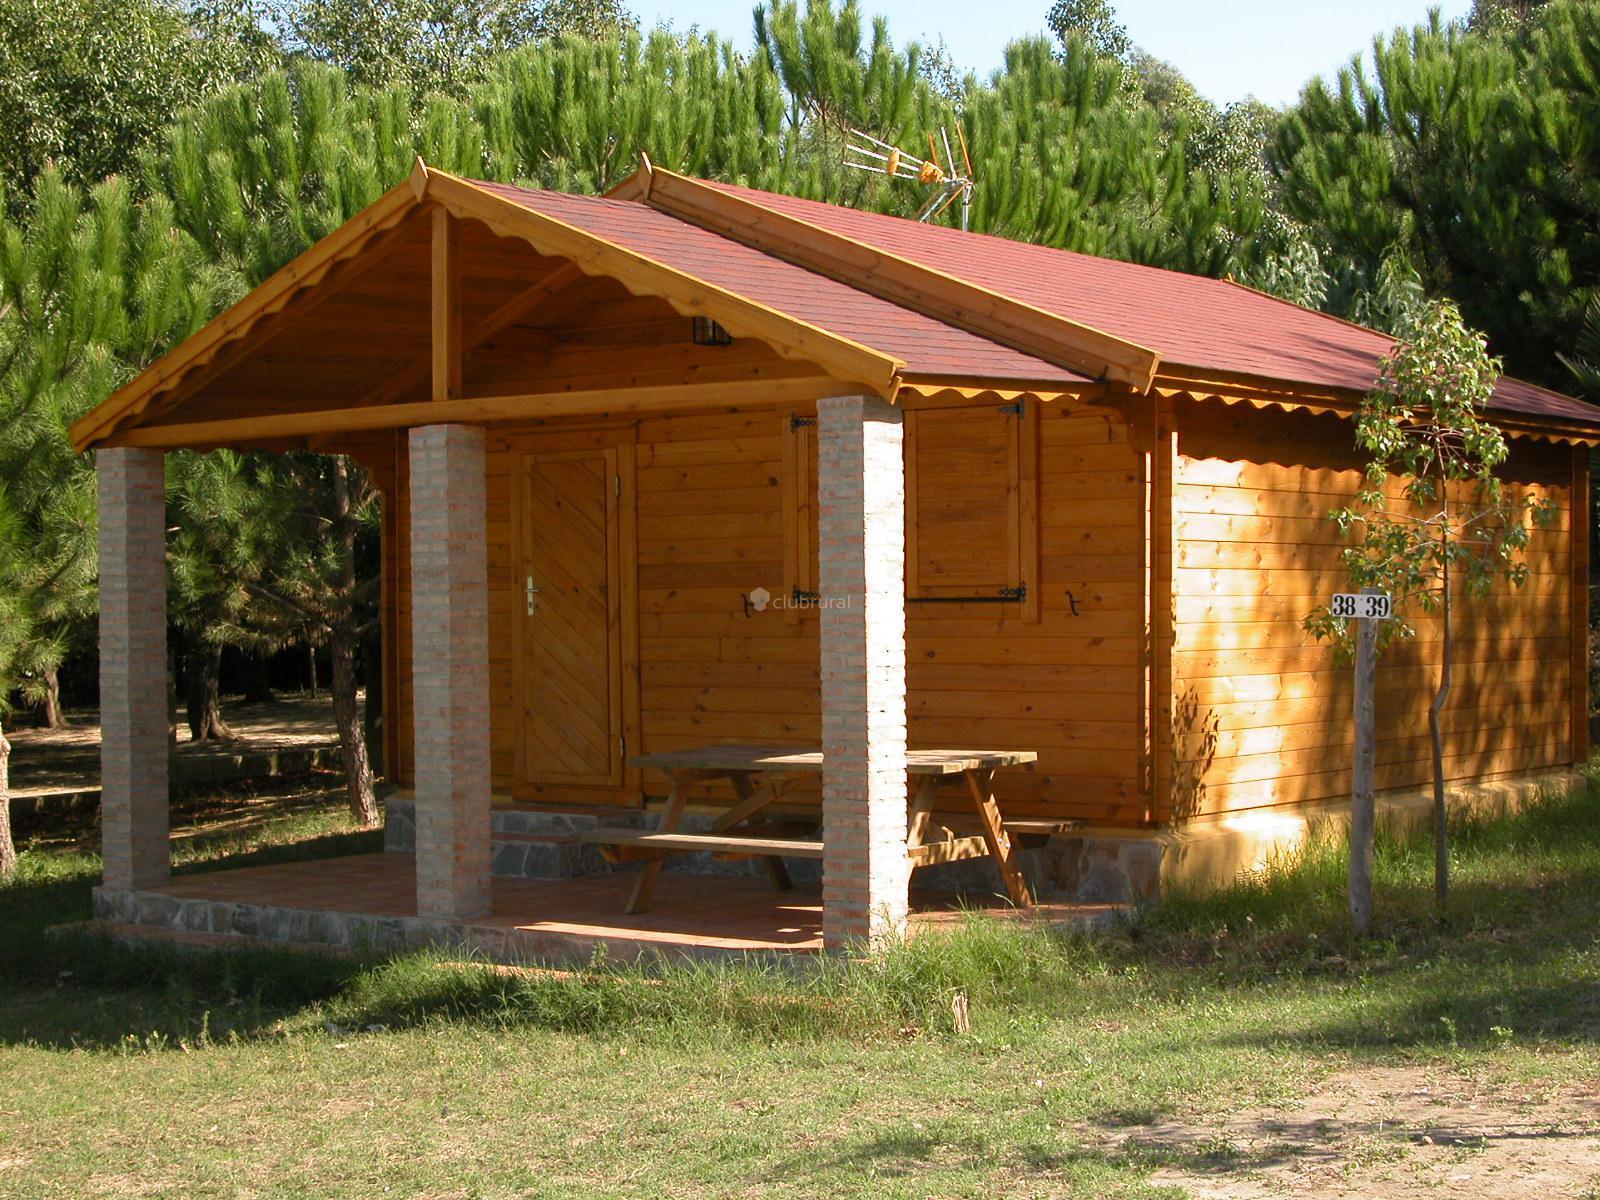 Fotos de bungalows medina sidonia c diz medina sidonia clubrural - Casa rural medina sidonia ...